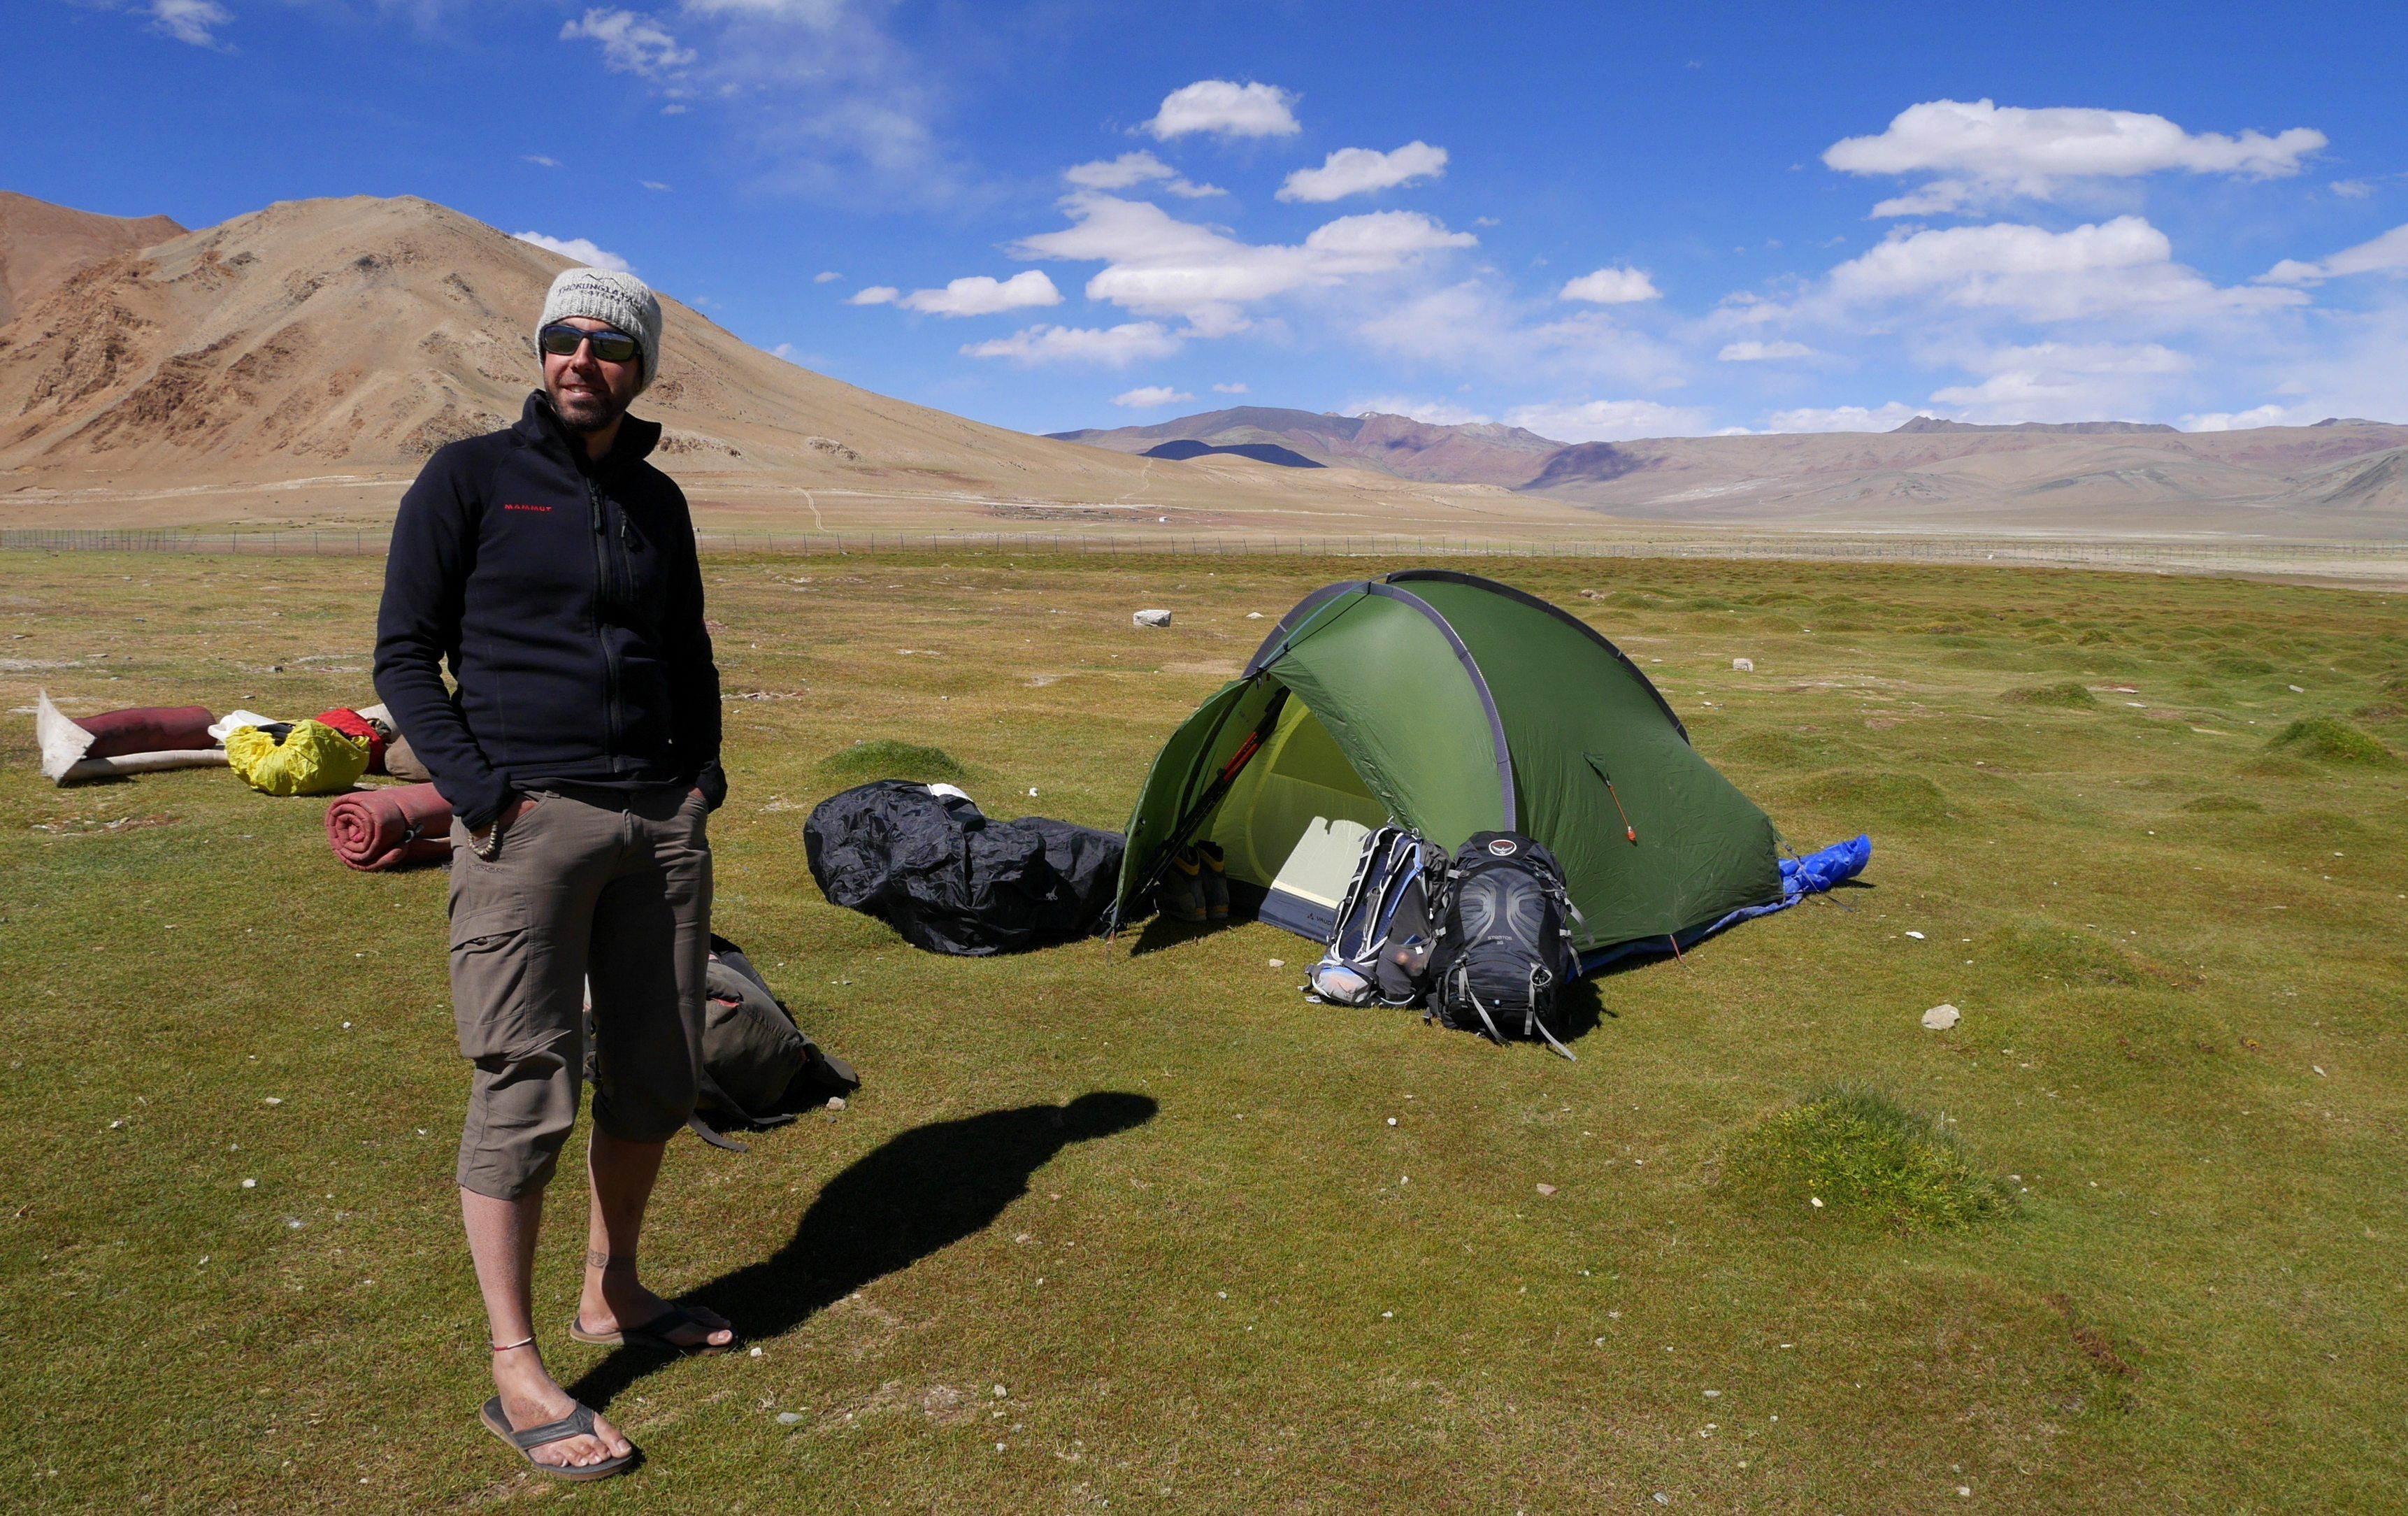 Changtang, Camp de Pangunagu, 4580m